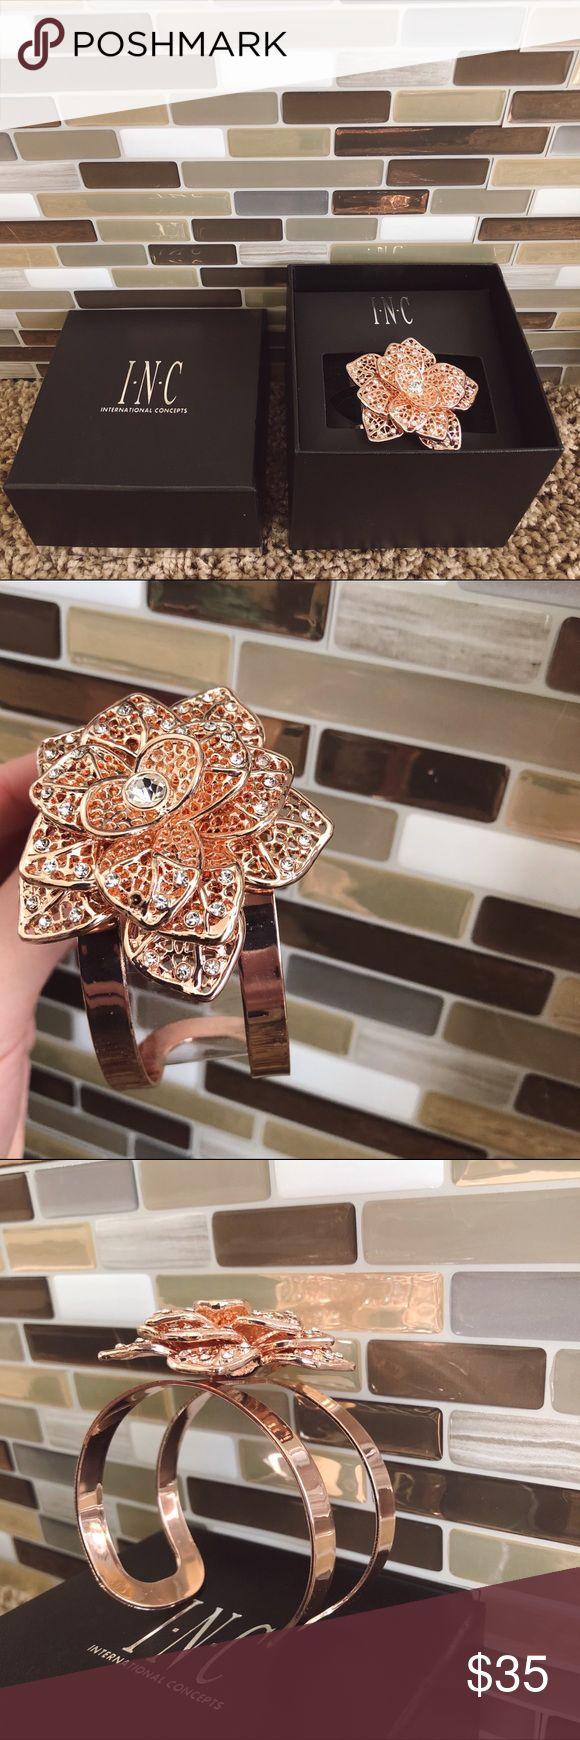 ღ INC diamond & rose gold bracelet beautiful bracelet from international concepts. never been worn. rose gold flower with diamond studs throughout. comes in box INC International Concepts Jewelry Bracelets